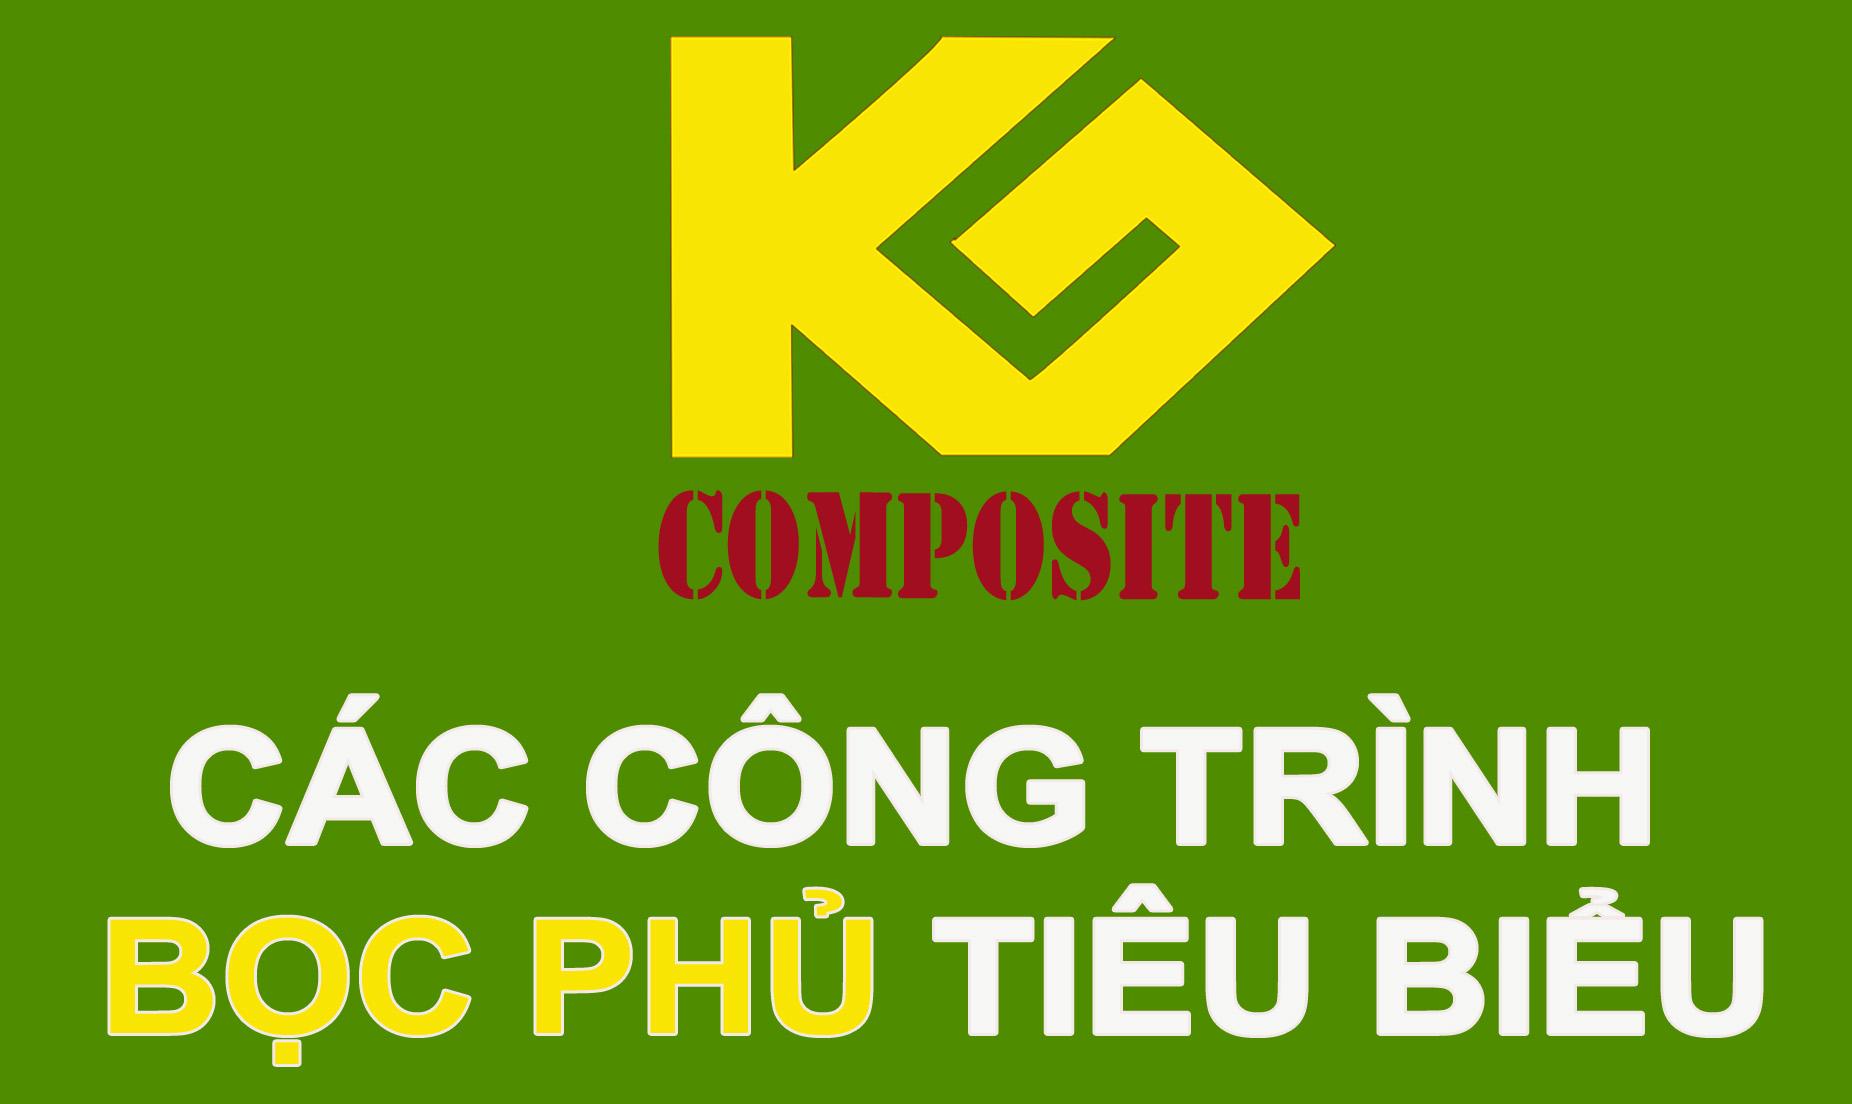 Công trình bọc phủ composite tiêu biểu